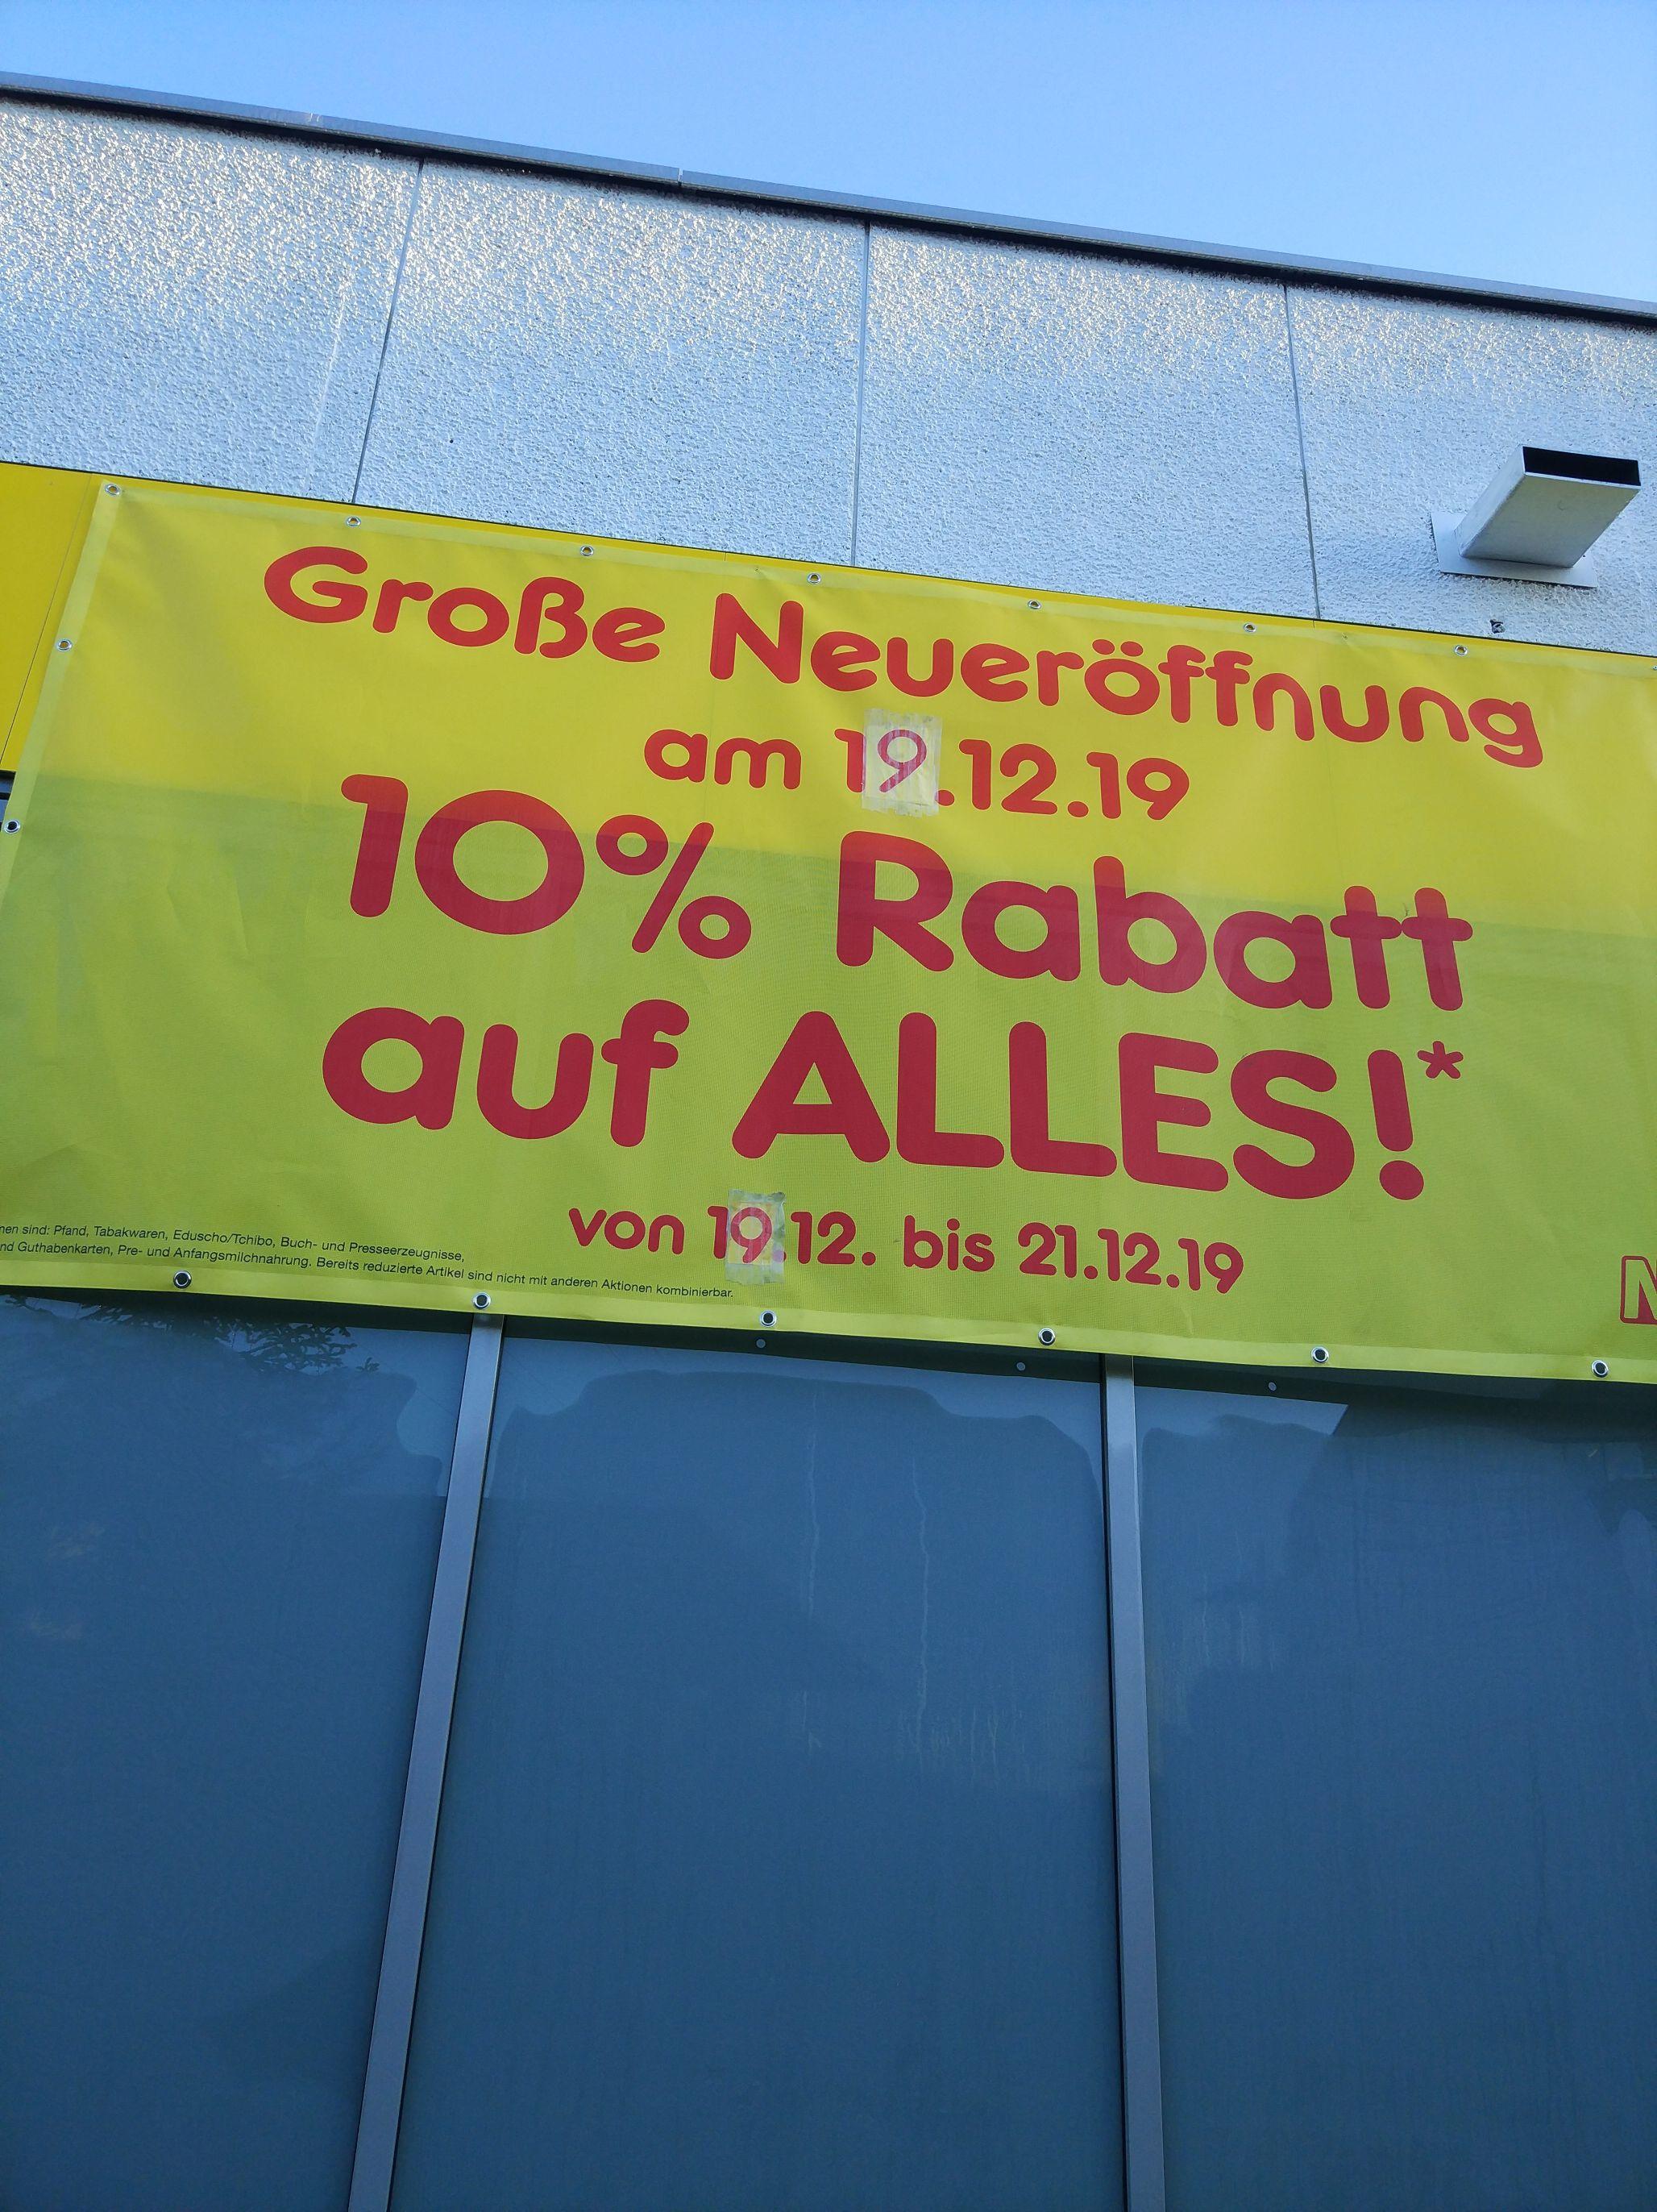 [Lokal] Neueröffnung Netto Schwalbach a.T. 10% auf alles